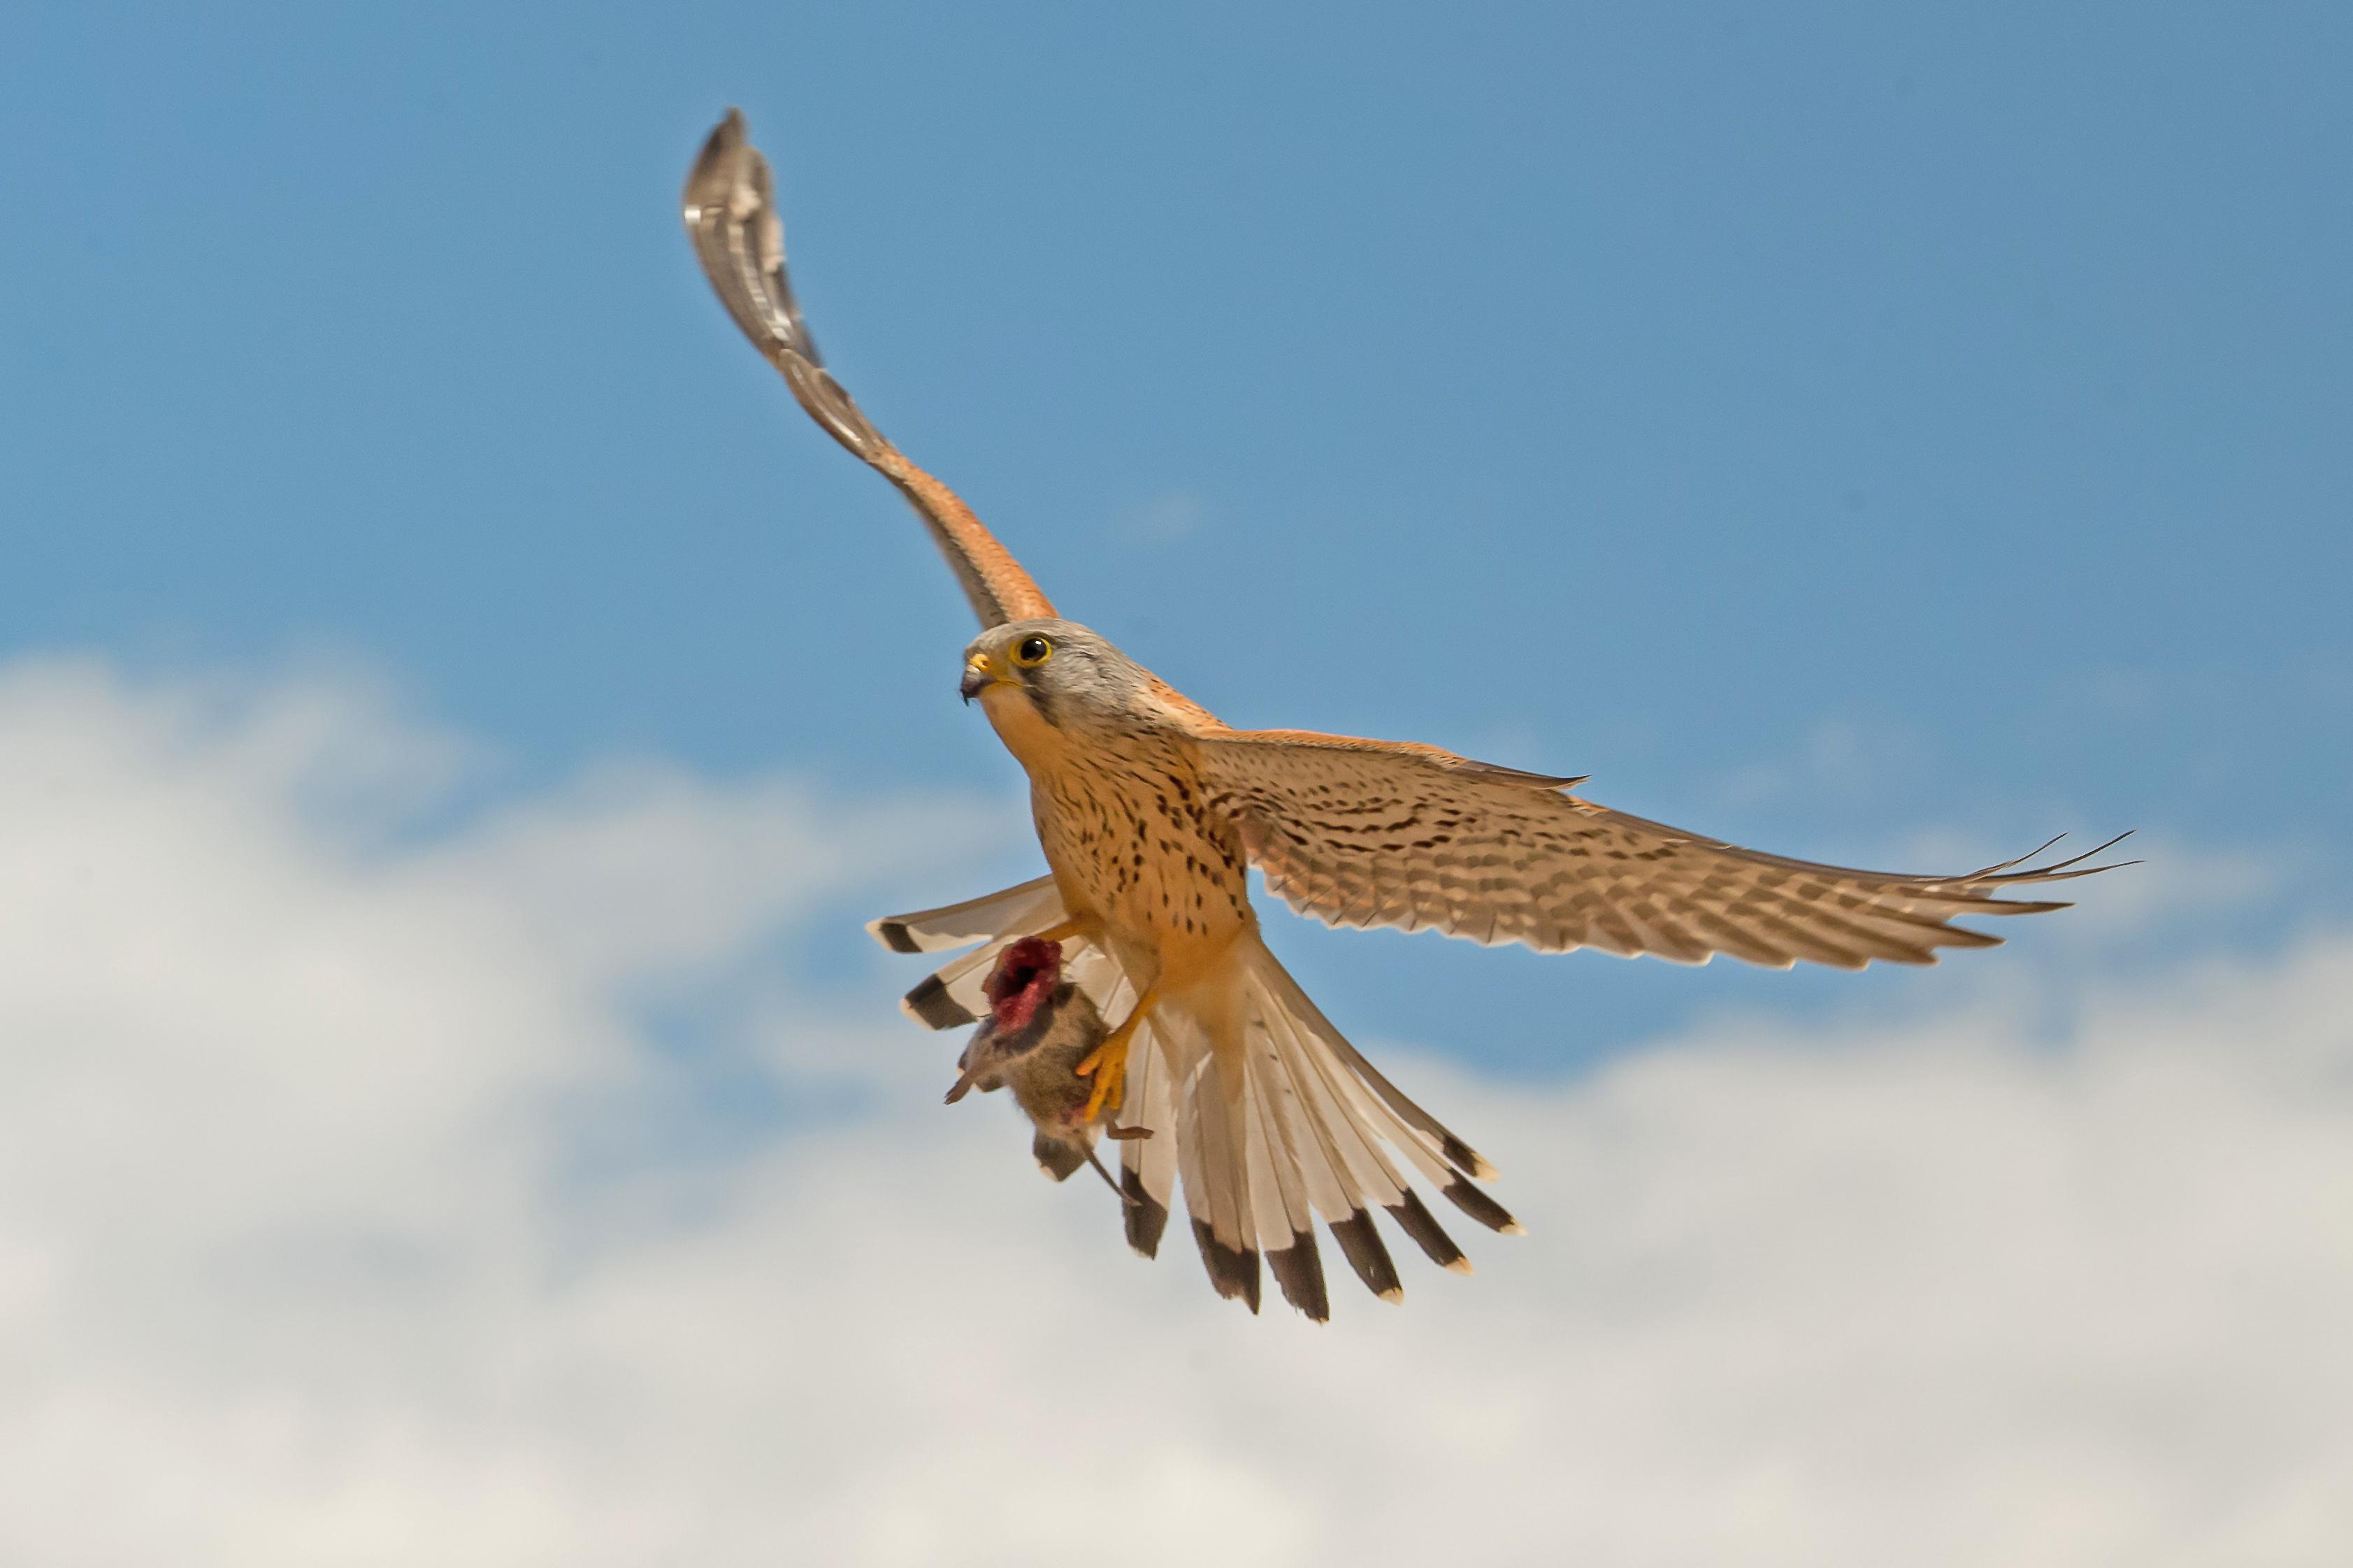 Cernícalo volando camino del nido con un topillo que acaba de apresar. // Alberto Alvarez/ Canon España